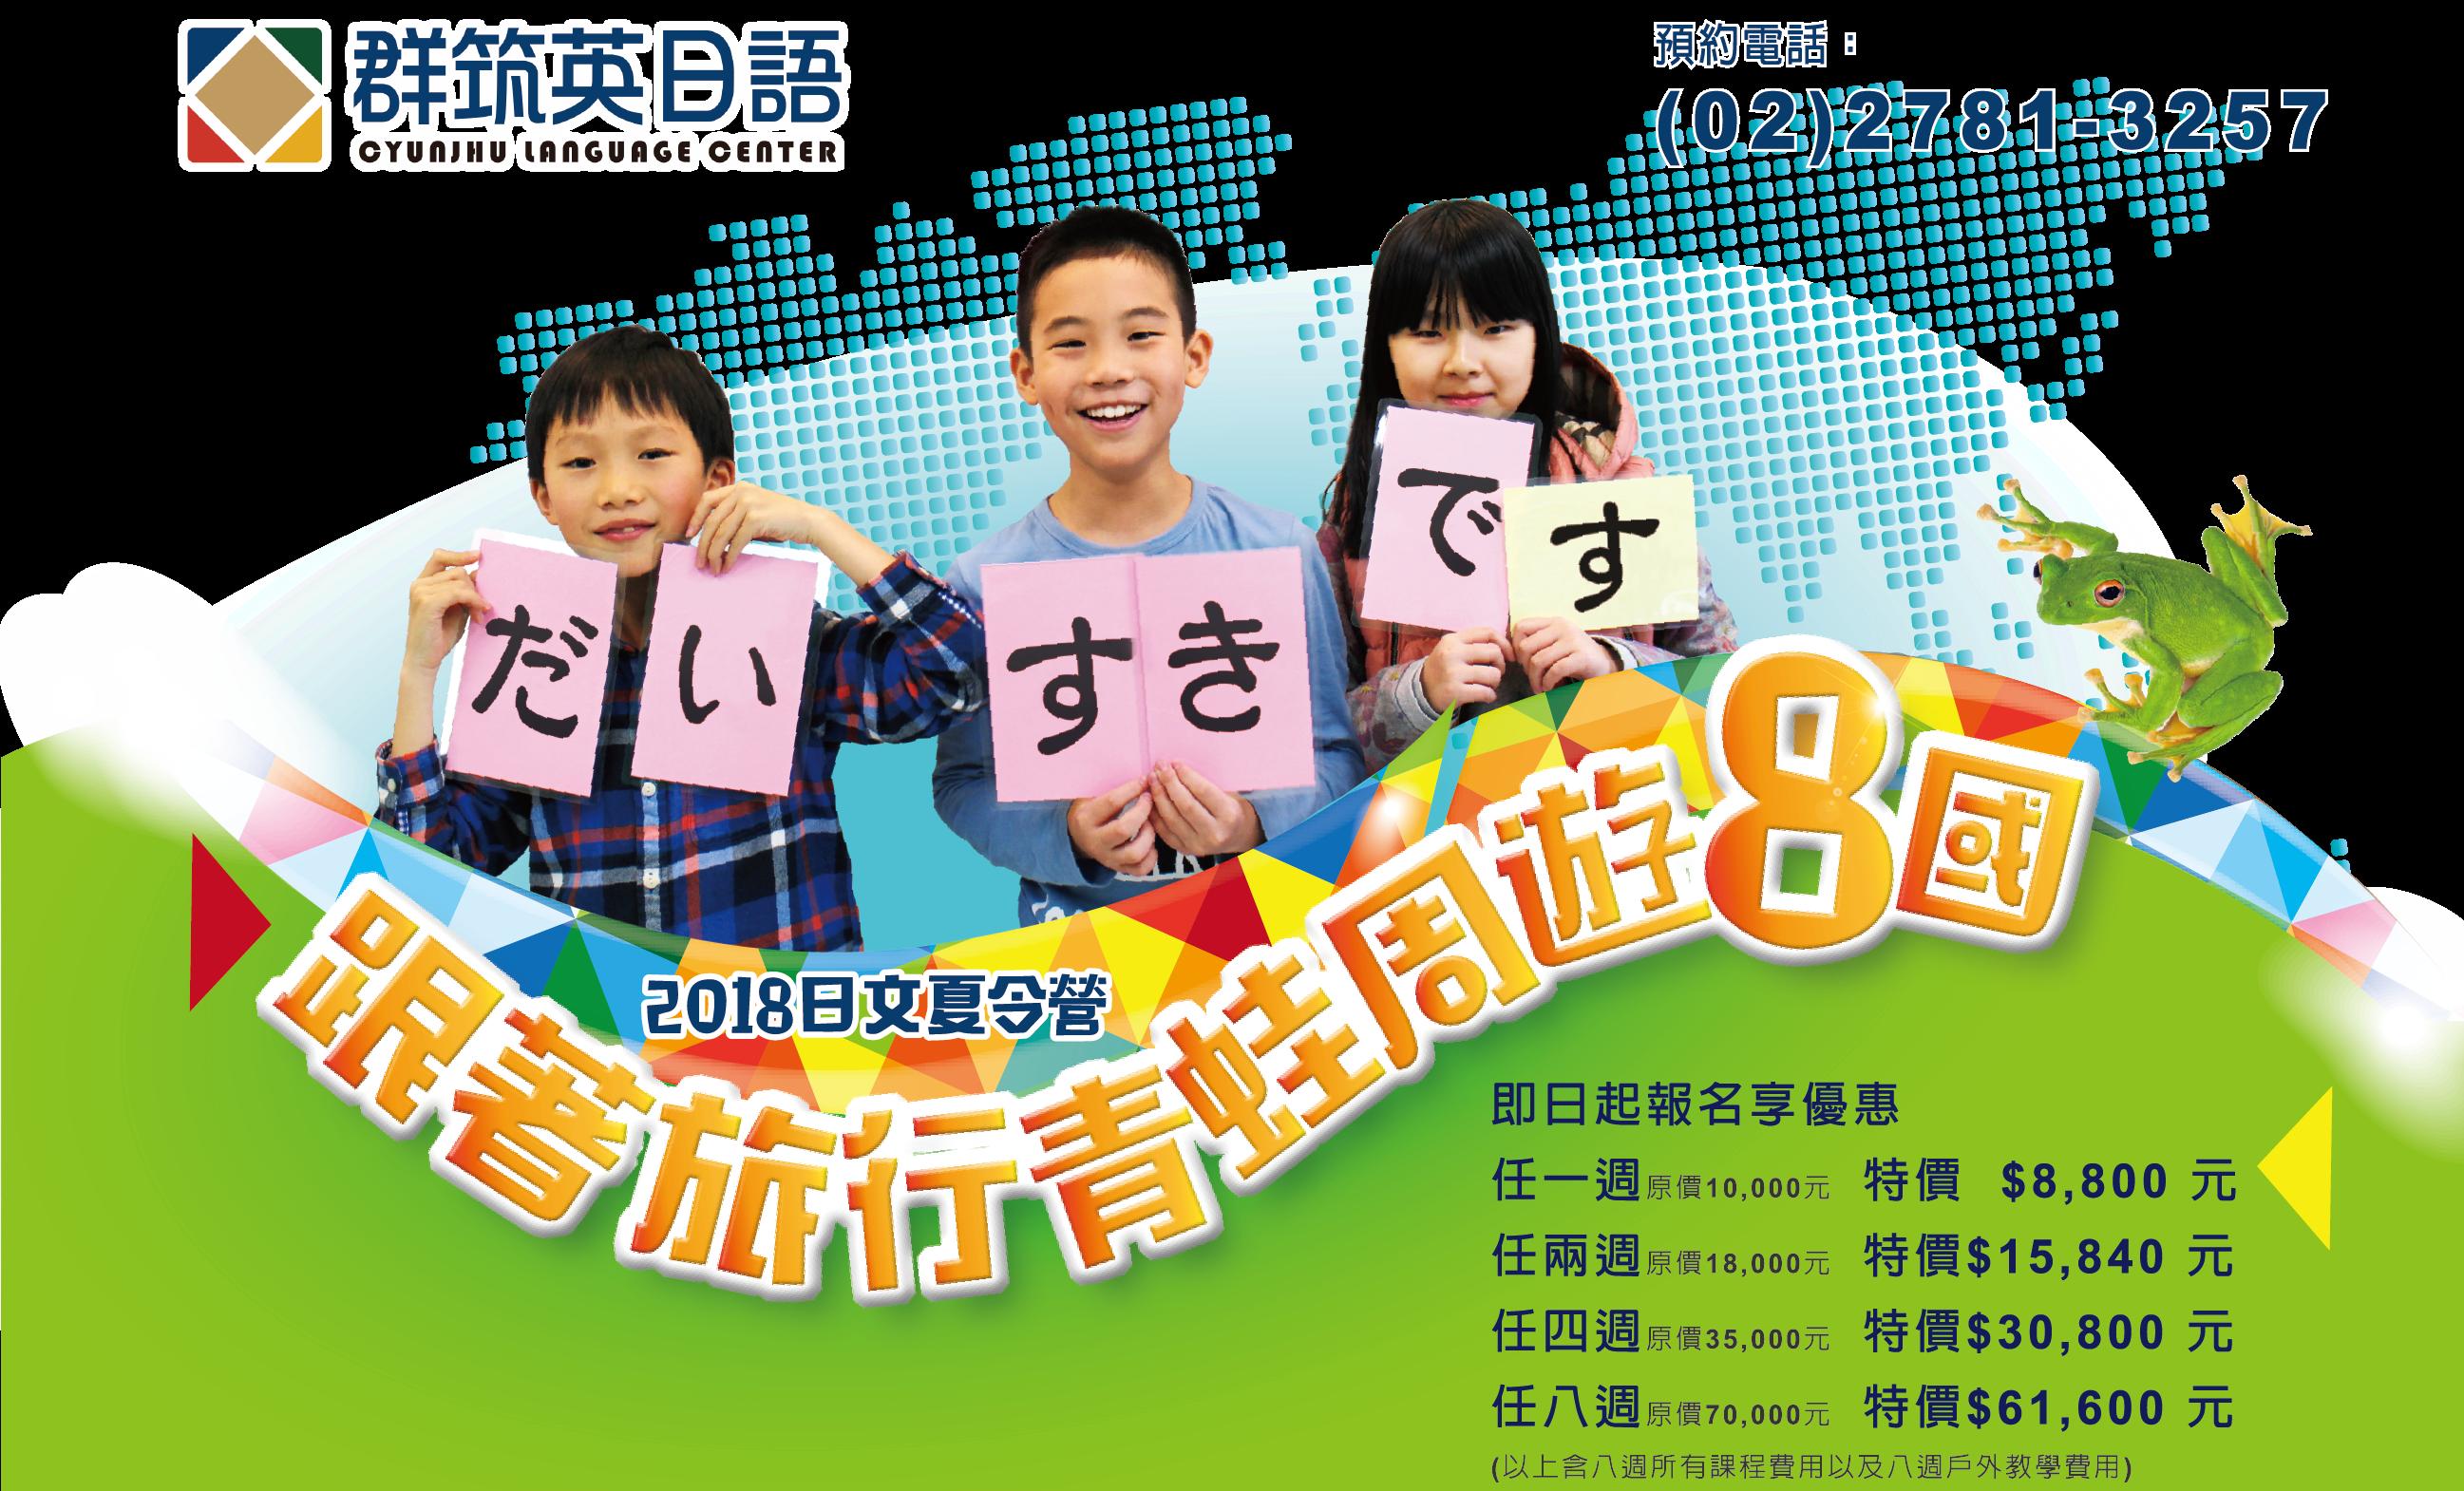 2018兒童日文旅行青蛙主題夏令營,暑假的日文營隊